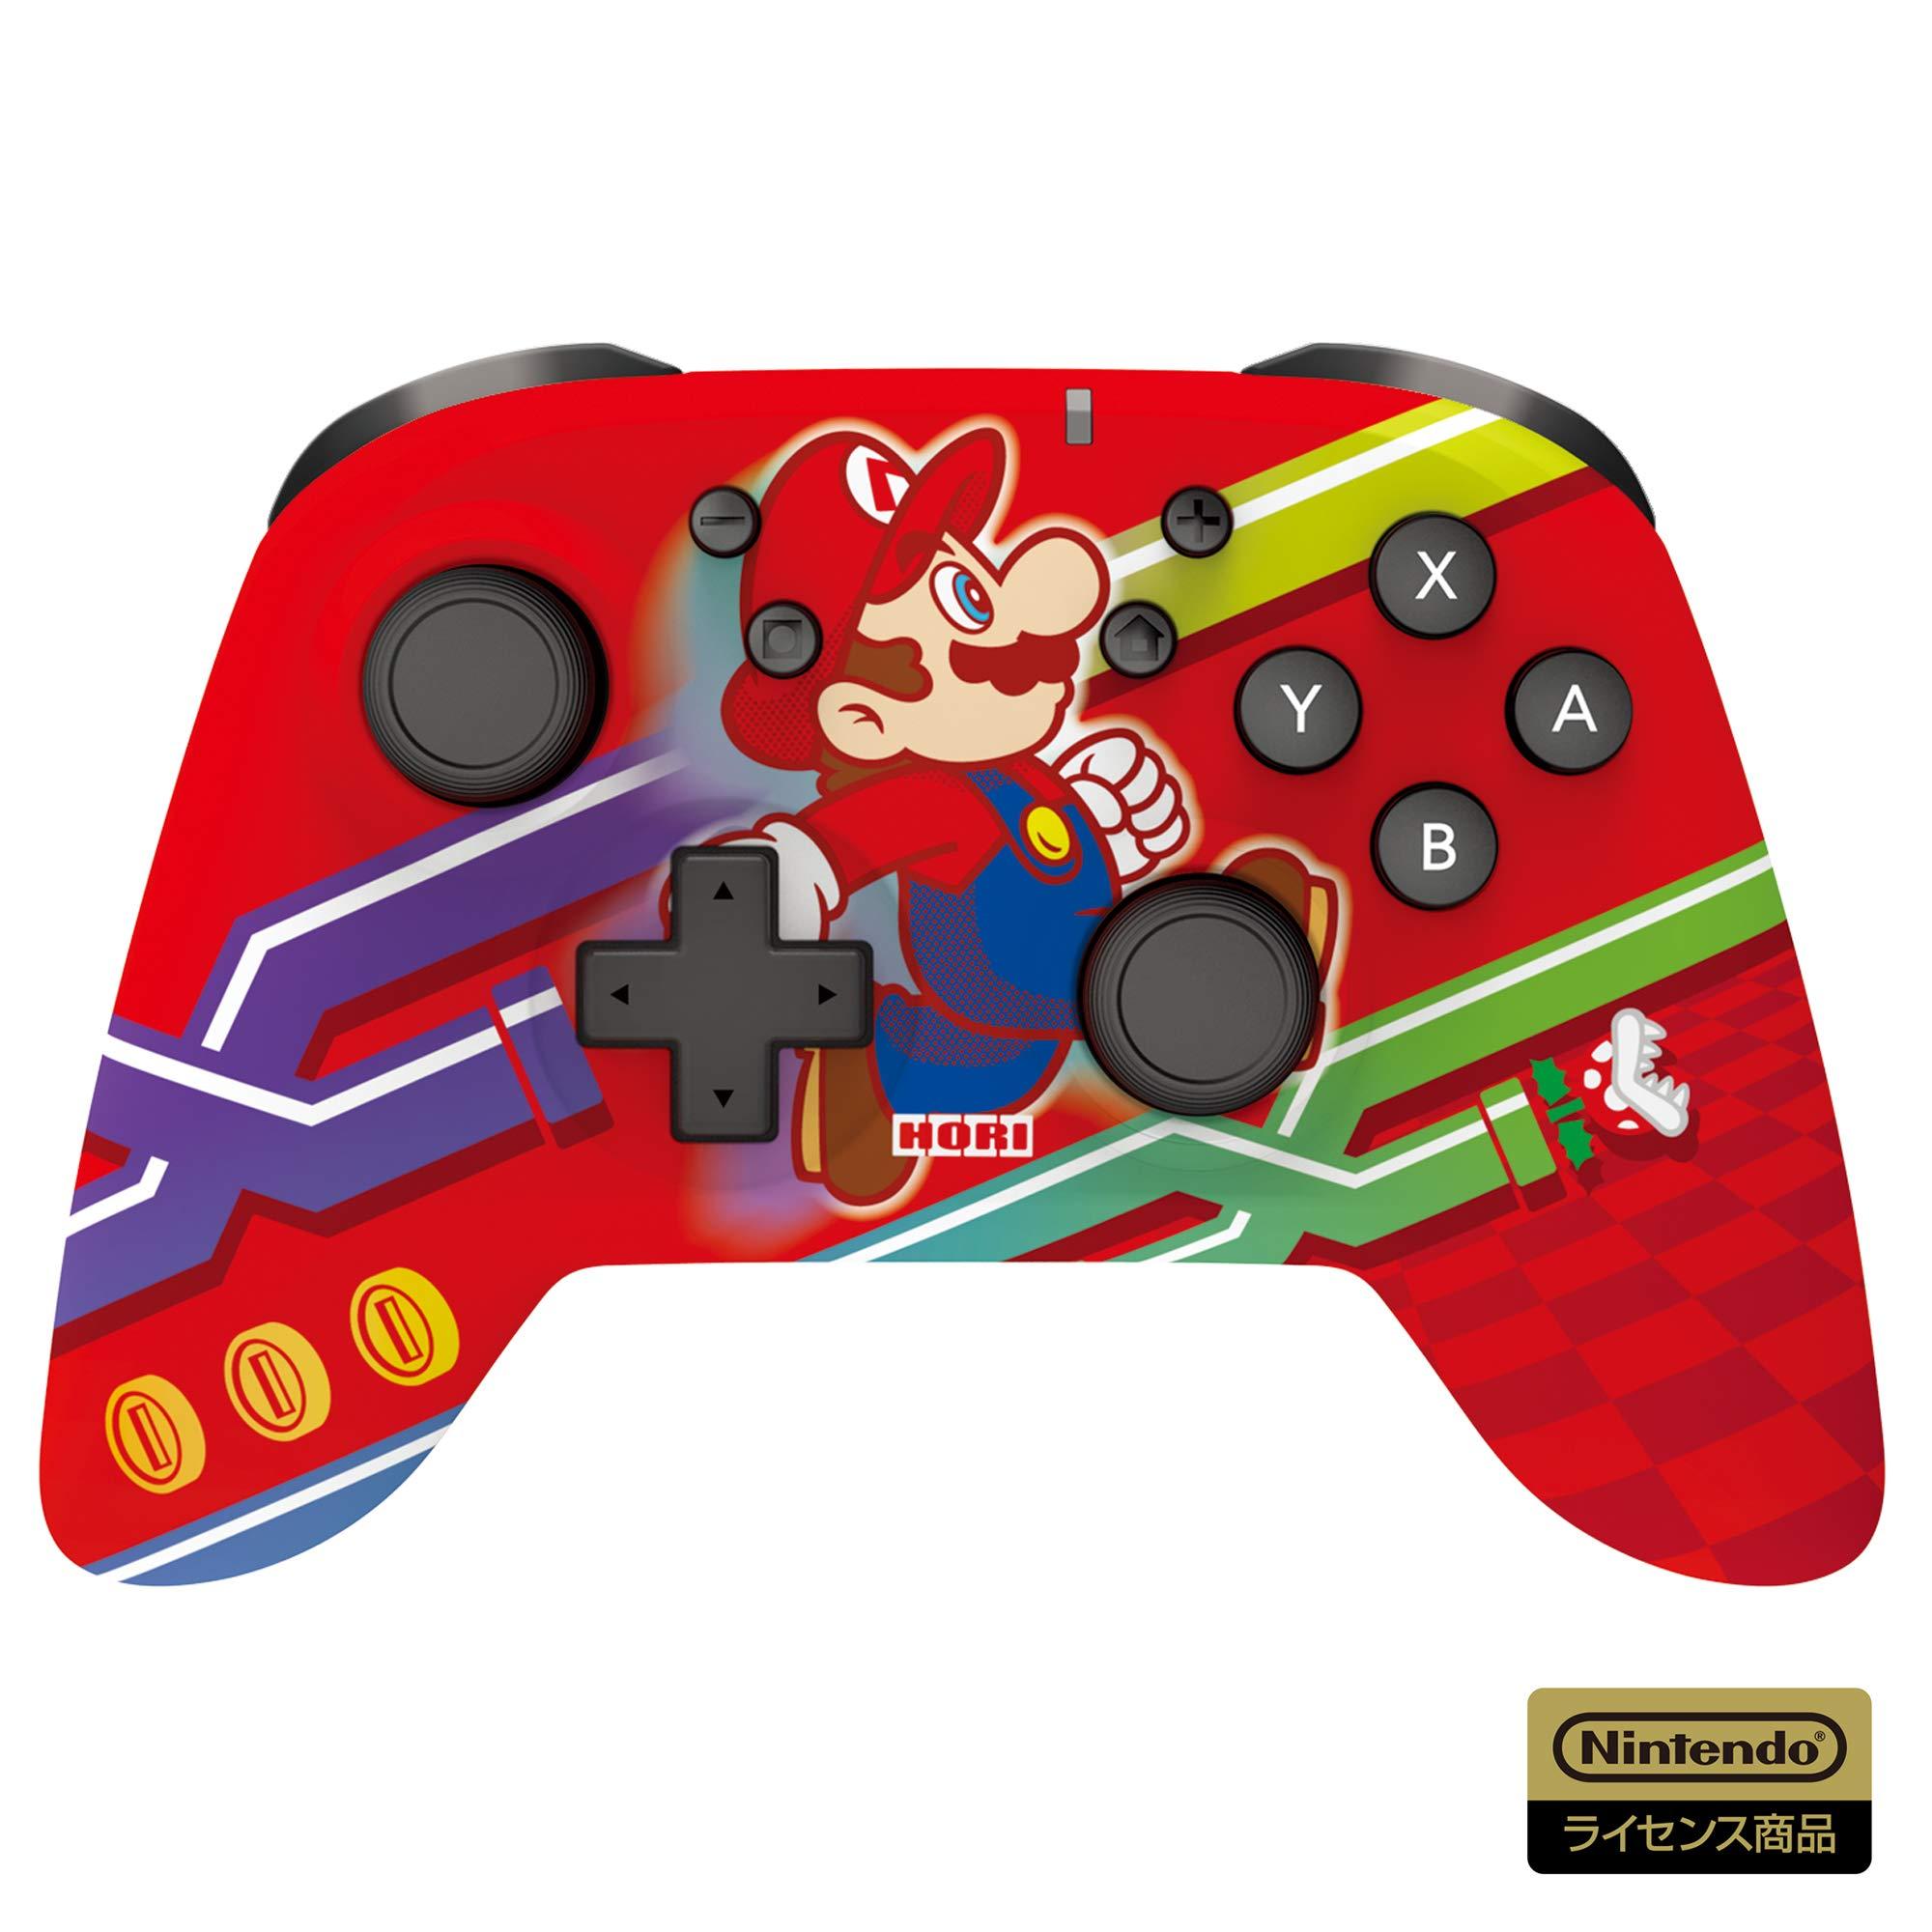 マリオデザインの Switch ワイヤレスコントローラーが登場!「ワイヤレスホリパッド for Nintendo Switch スーパーマリオ エディション」【2021年2月発売!】